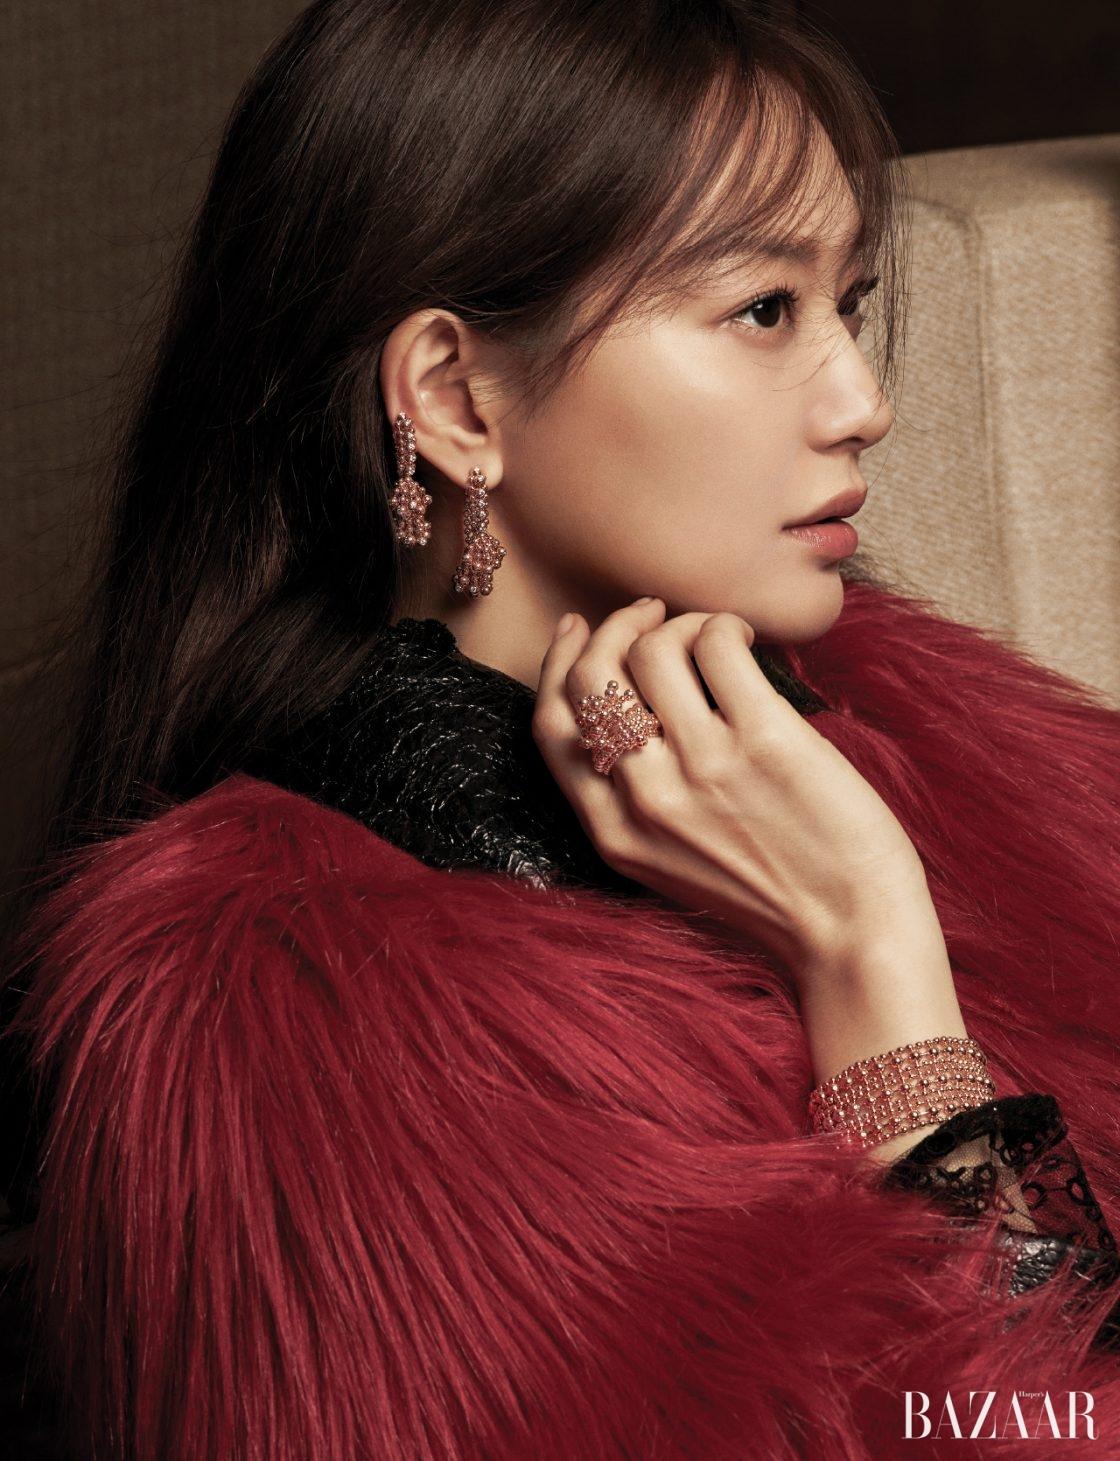 퍼 재킷은 4백53만원으로 Gucci, 레이스 드레스는 3백50만원으로 Burberry, 핑크 골드 비즈와 다이아몬드가 얽혀 있는 귀고리, 중지에 낀 반지, 핑크 골드 비즈가 연결된 팔찌는 모두 '파리 누벨바그' 컬렉션으로 Cartier 제품.